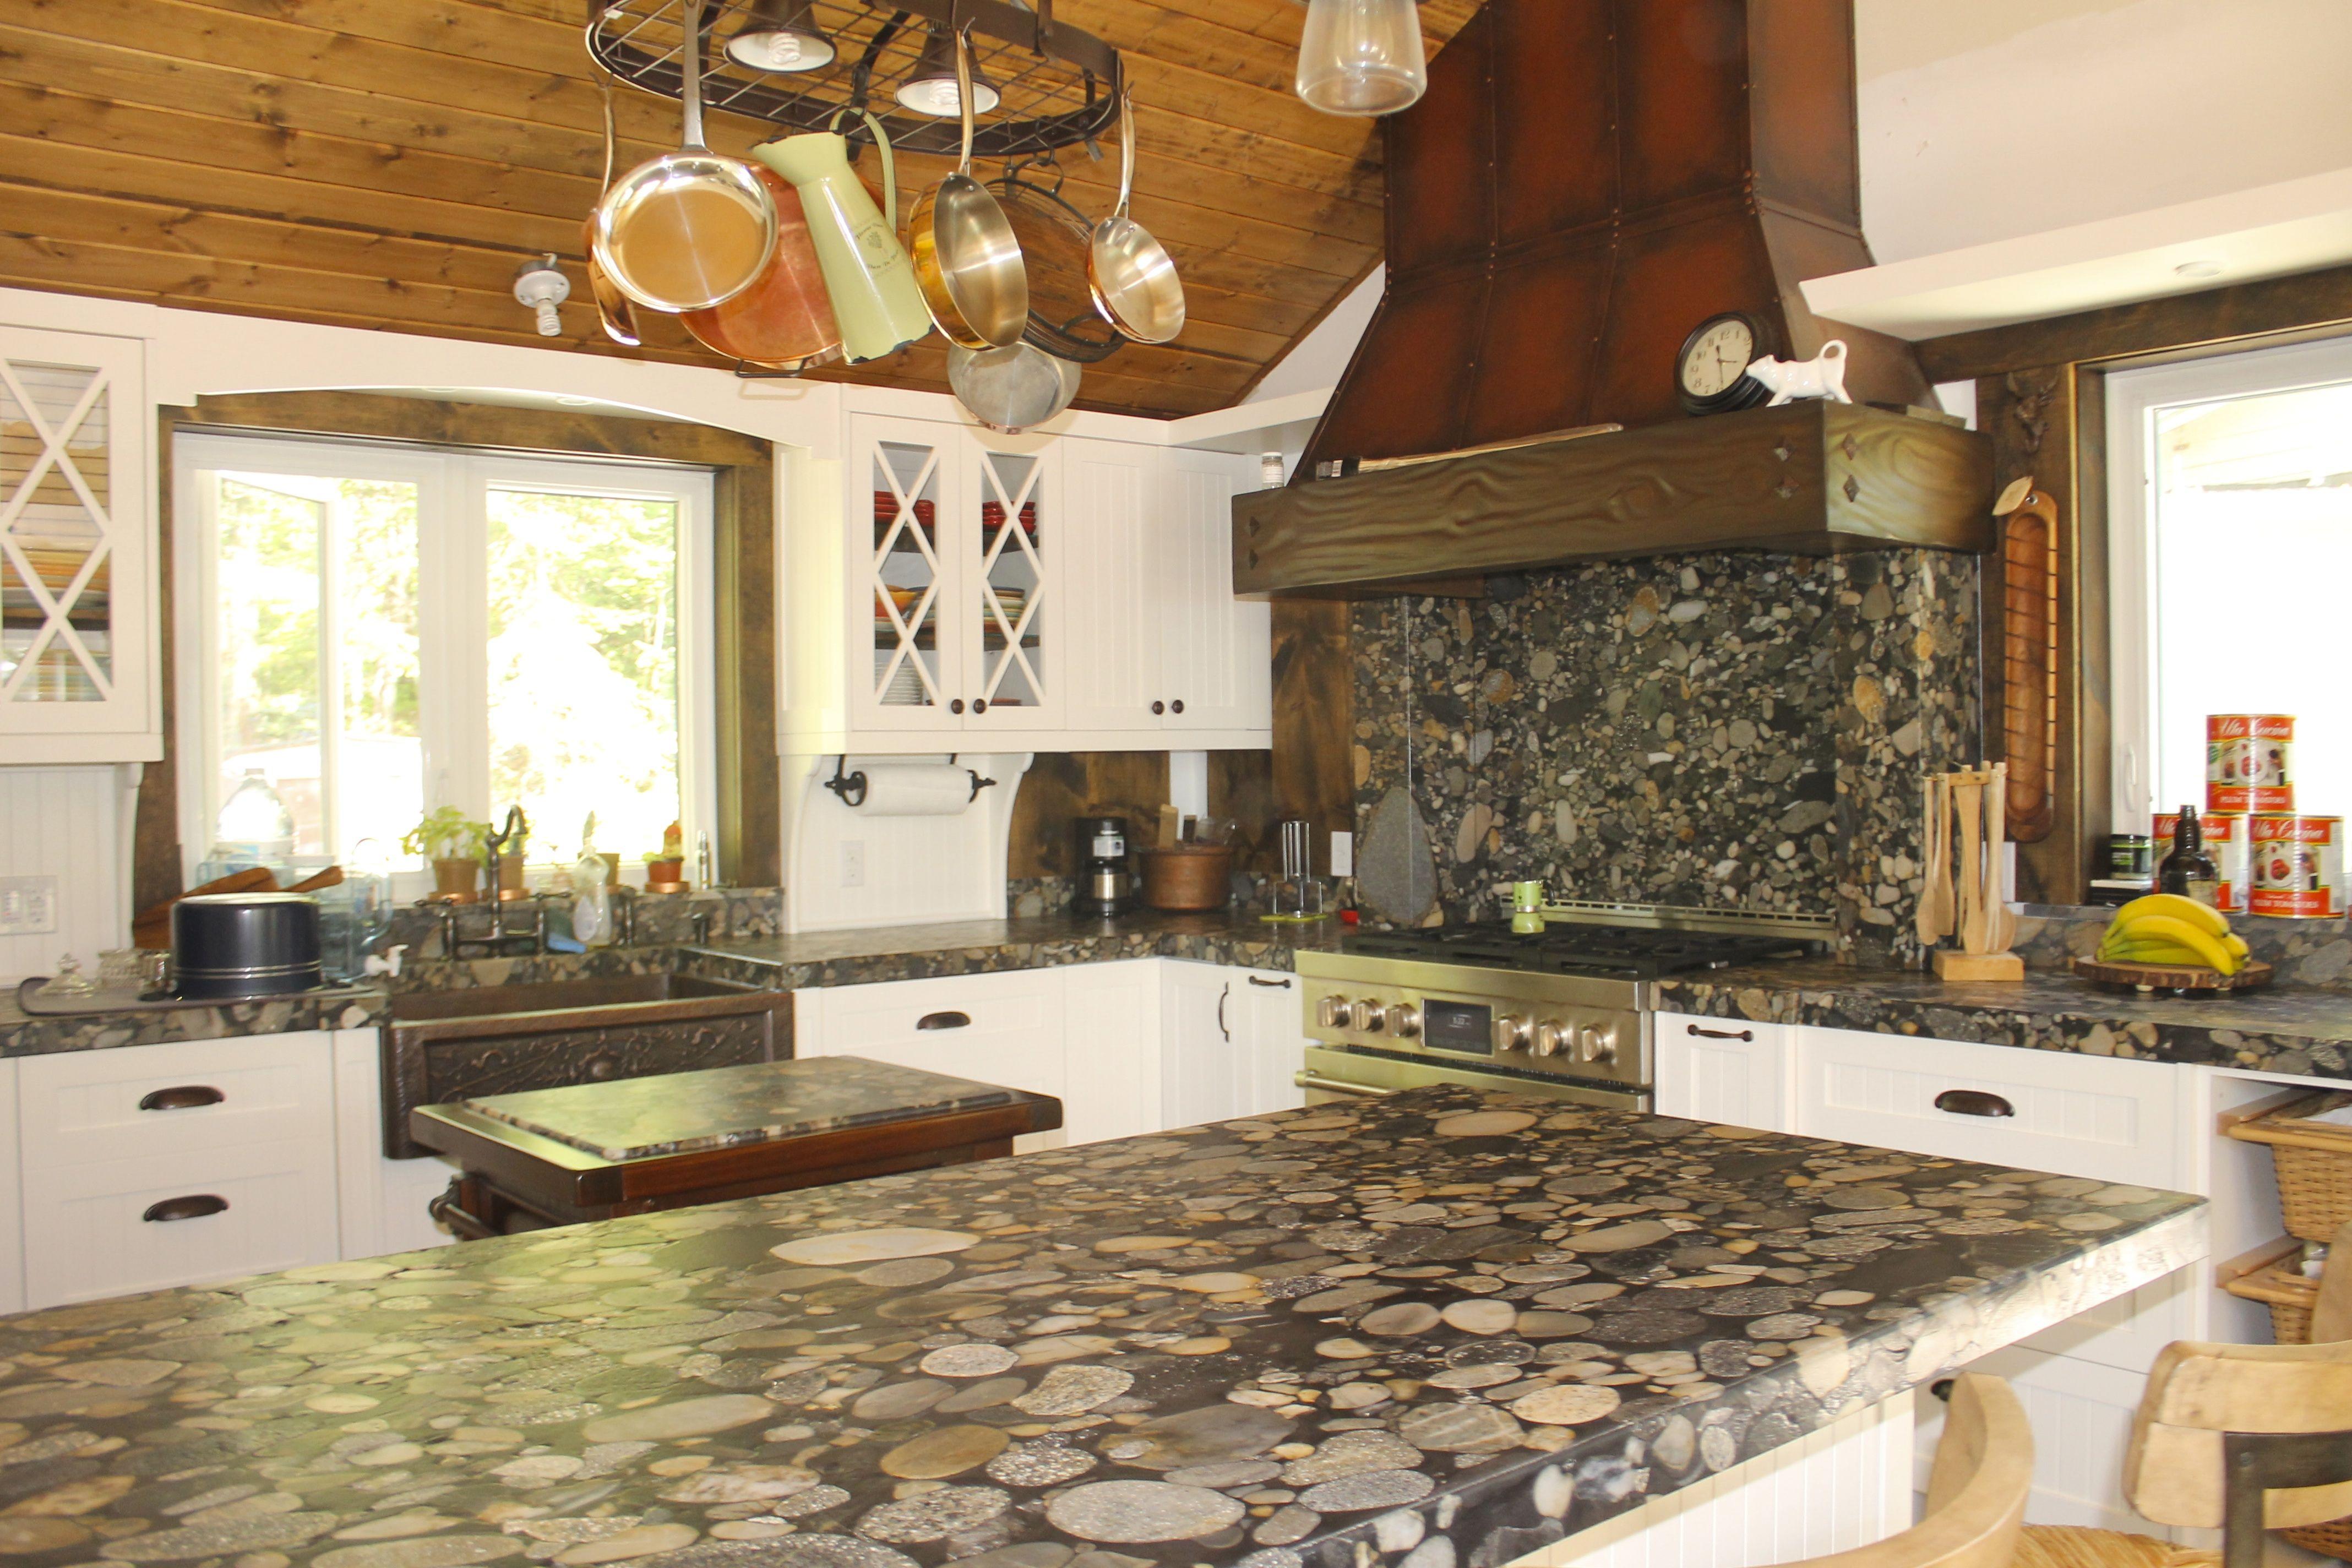 Cottage Kitchen Counters In Brazilian River Rock Granite Called Black Maranaci Kitchen Has A Copp Cottage Kitchen Counters Kitchen Remodel Kitchen Countertops